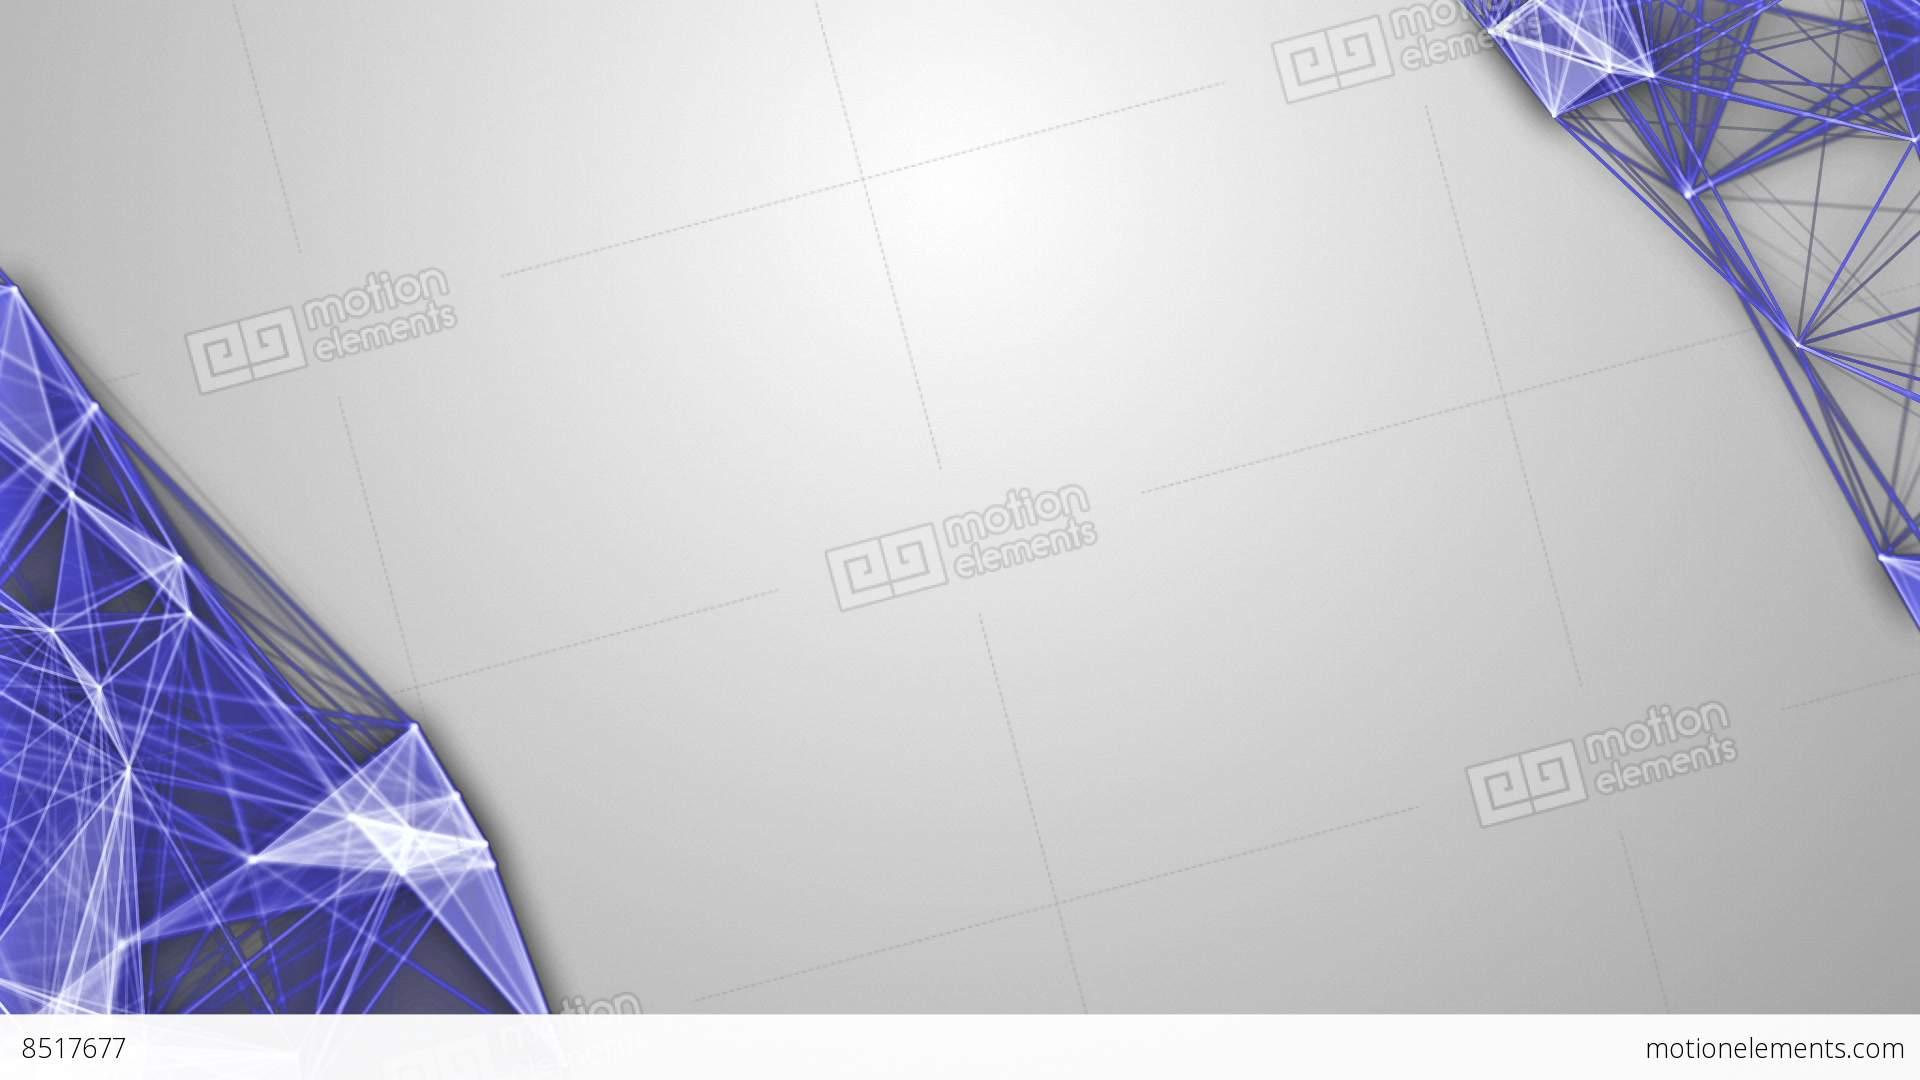 background image bottom left